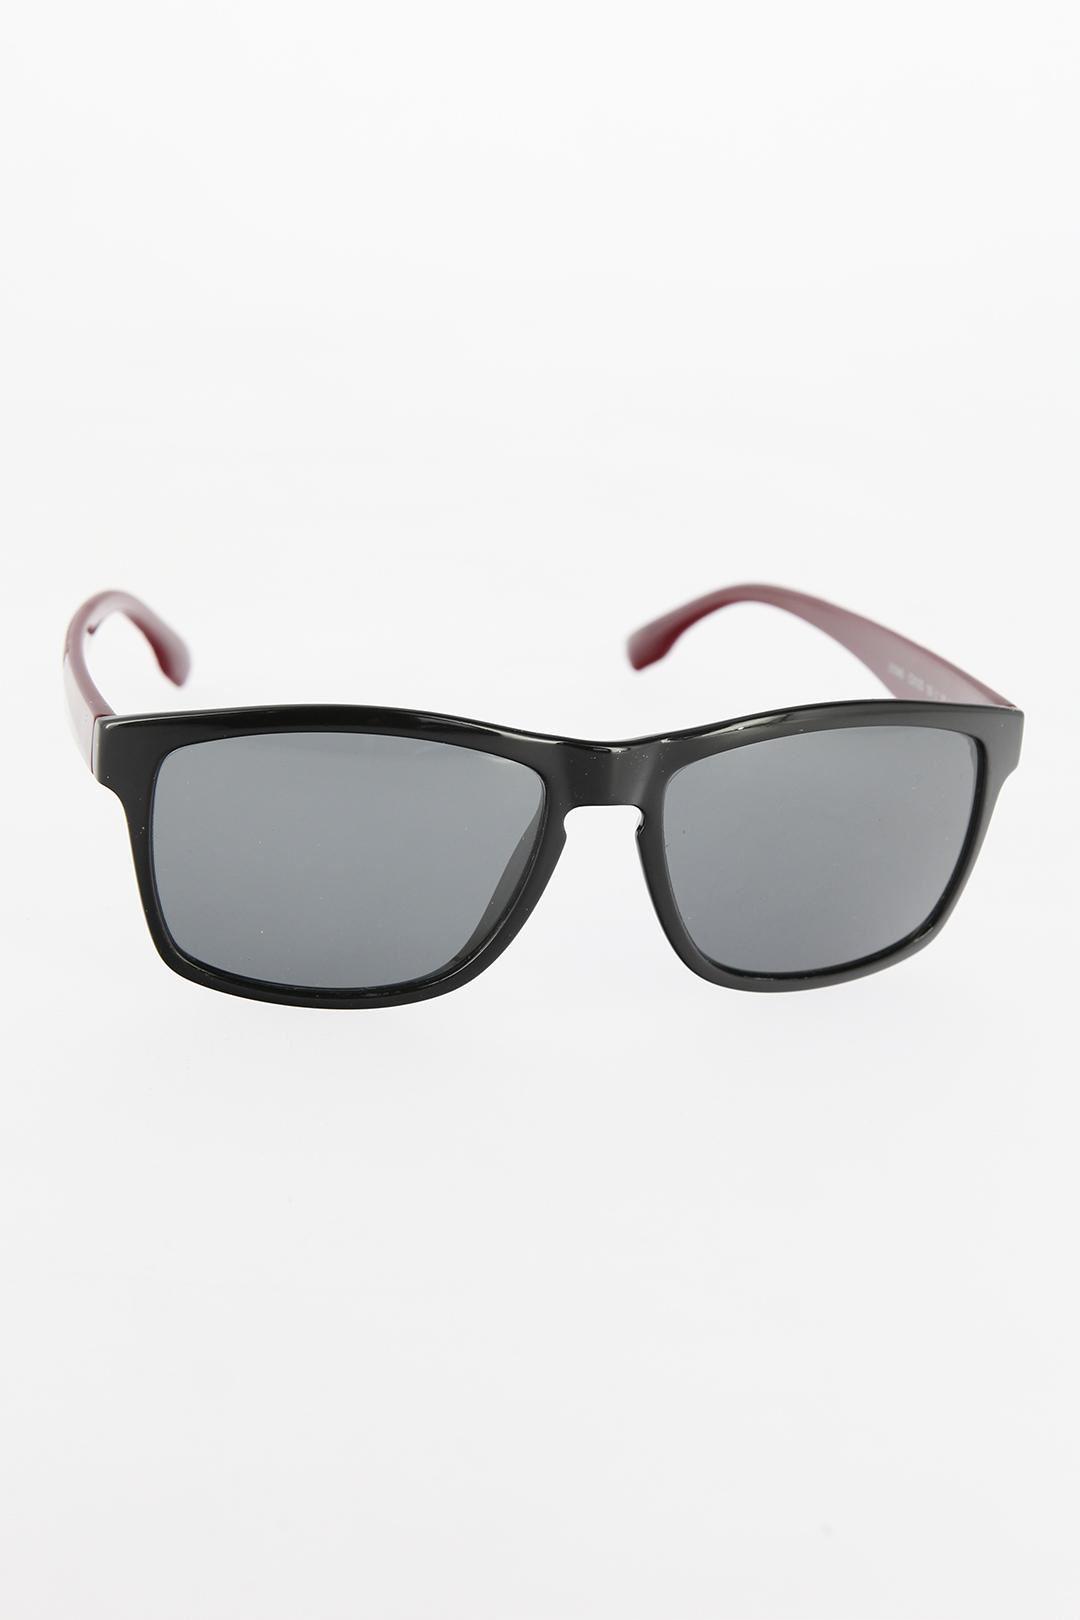 Siyah Çerçeveli Bordo Saplı Erkek Güneş Gözlüğü